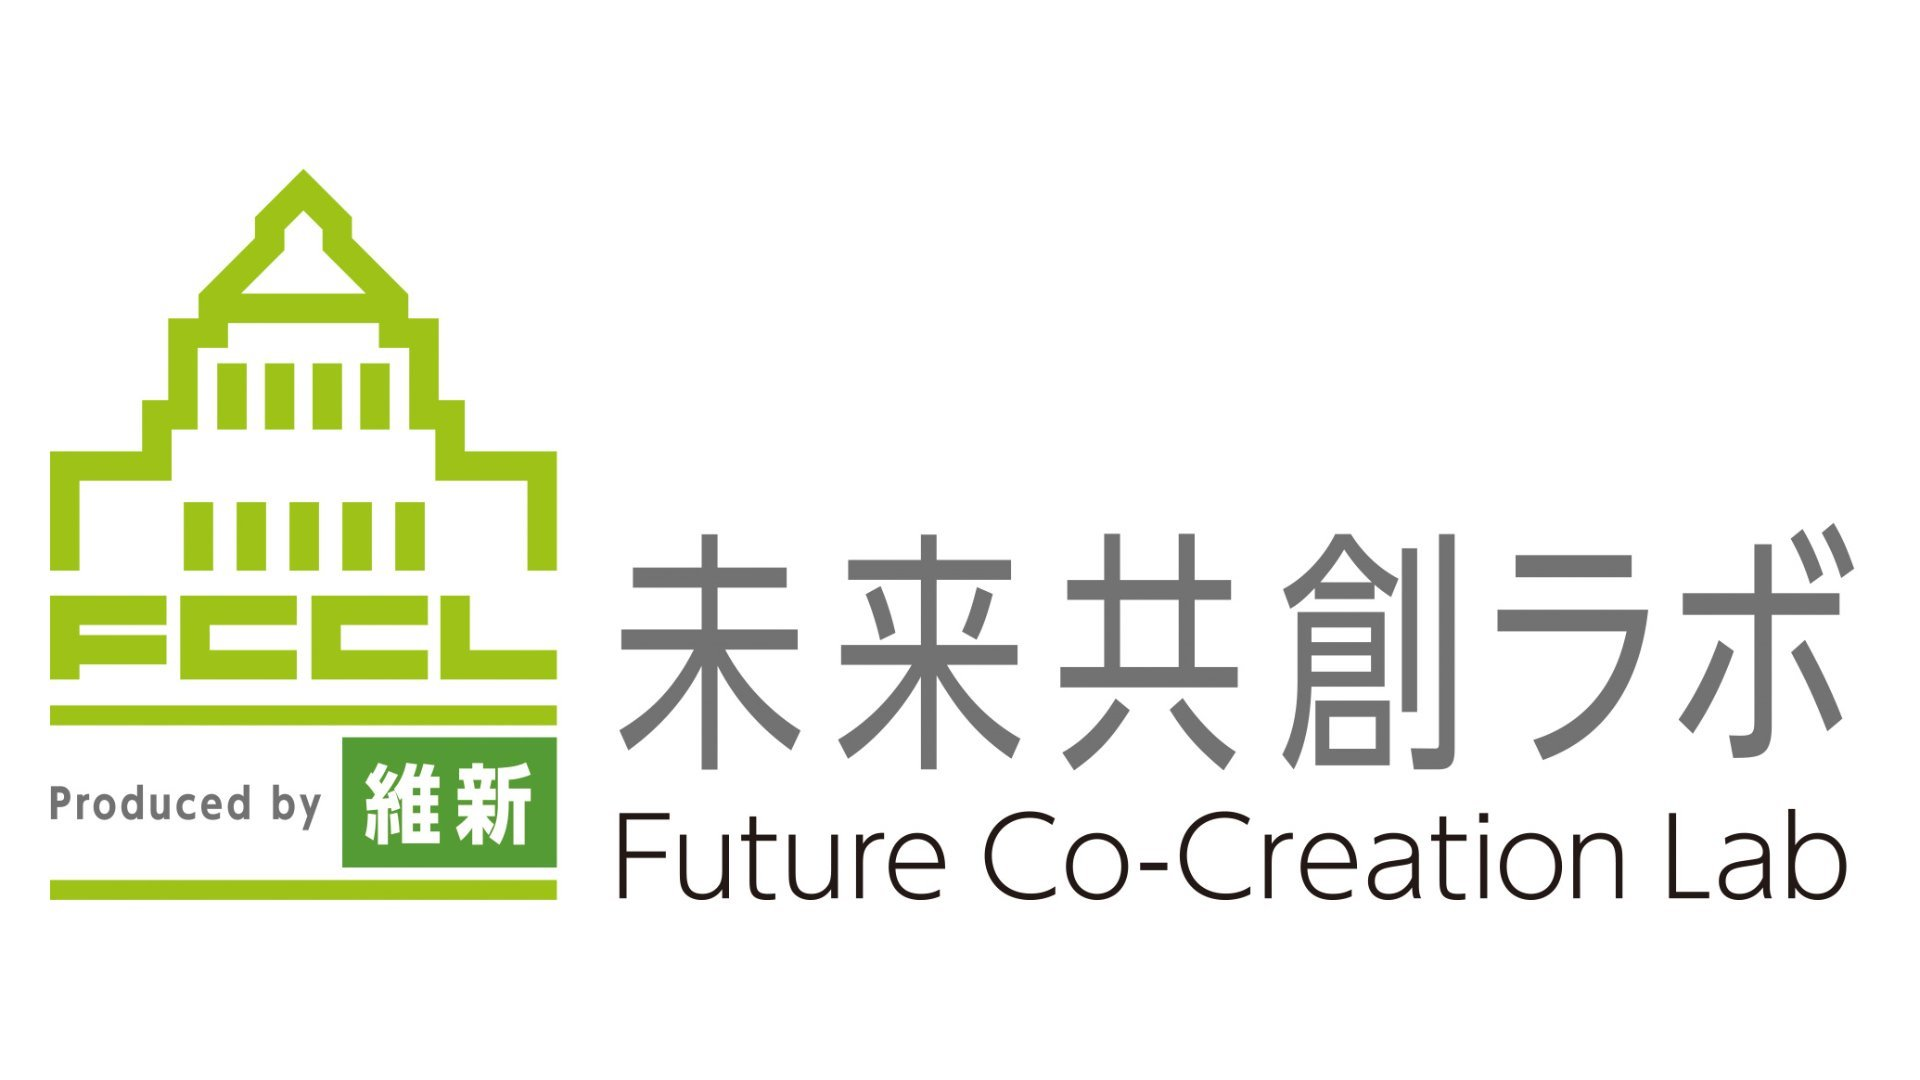 日本維新の会 - 未来共創ラボ produced by 日本維新の会 - DMM オンラインサロン